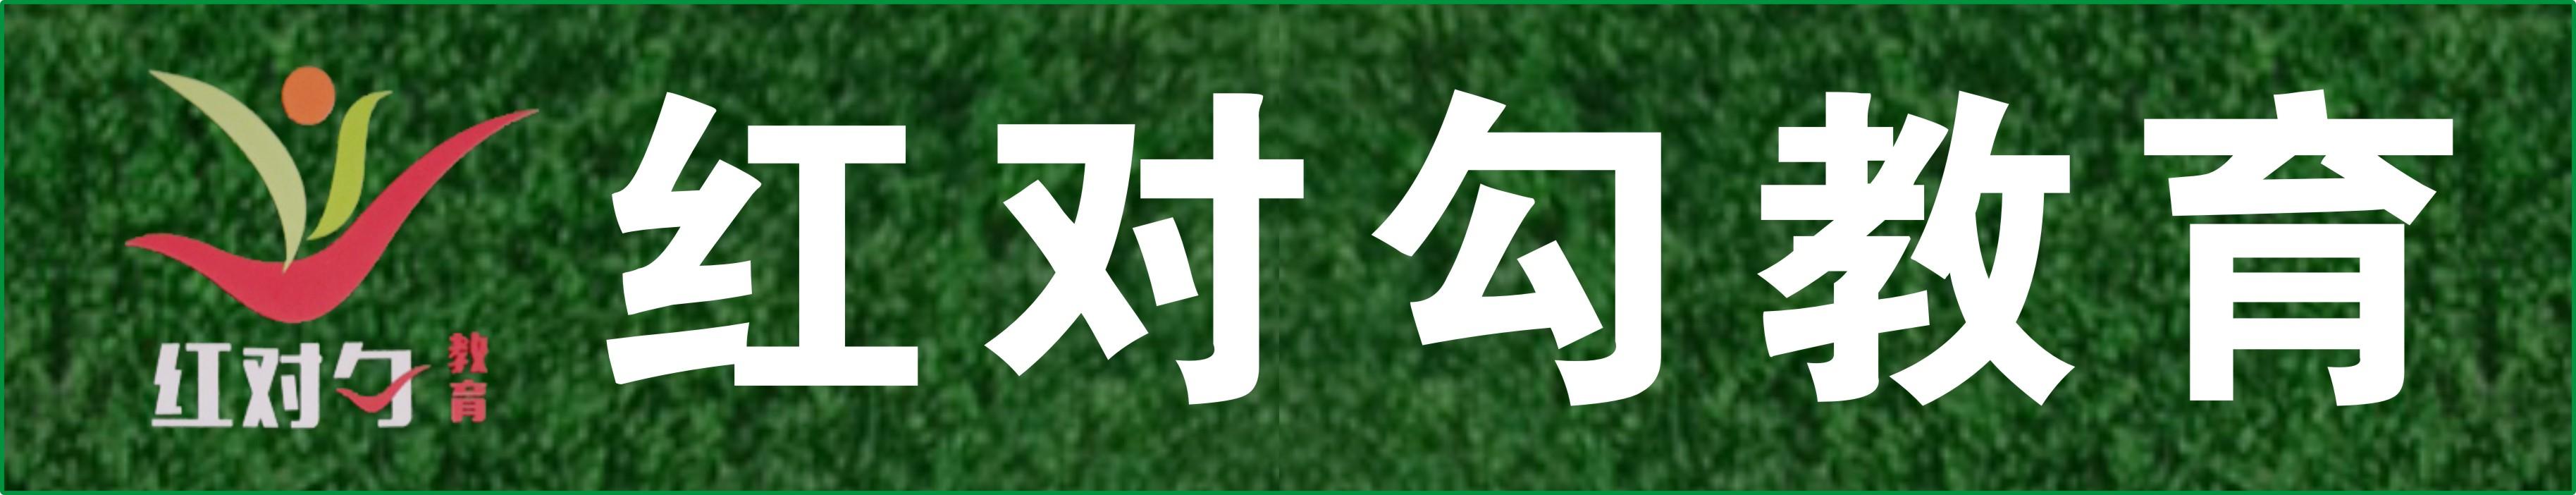 凤翔县红对勾教育培训学校